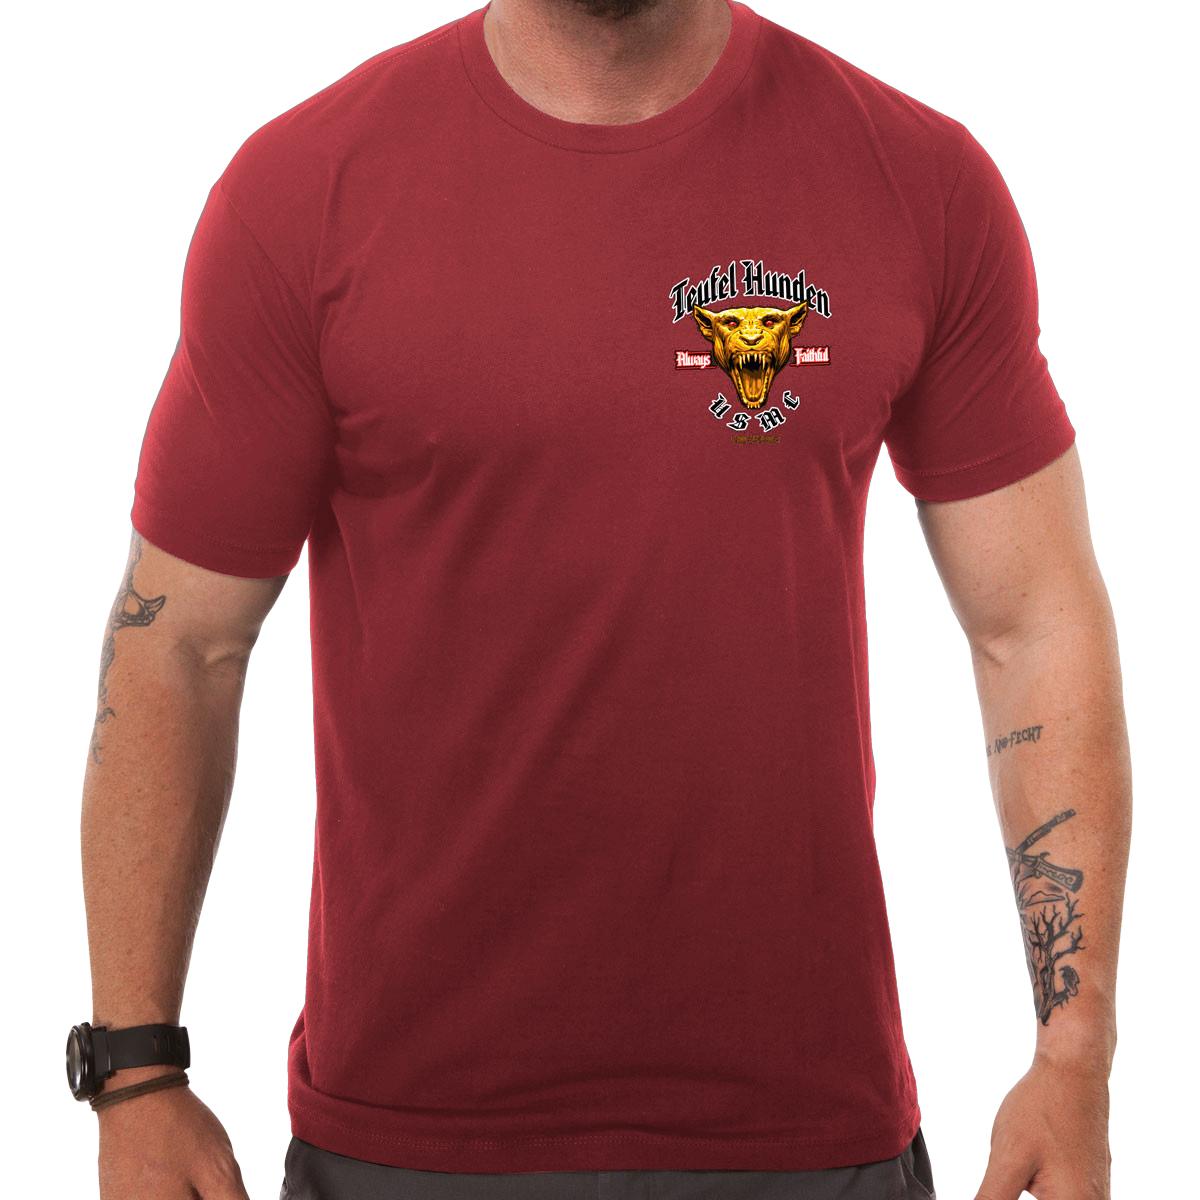 T shirt design red - 7 62 Design Usmc Devil Dog T Shirt Red 7 62 Design Usmc Devil Dog T Shirt Red